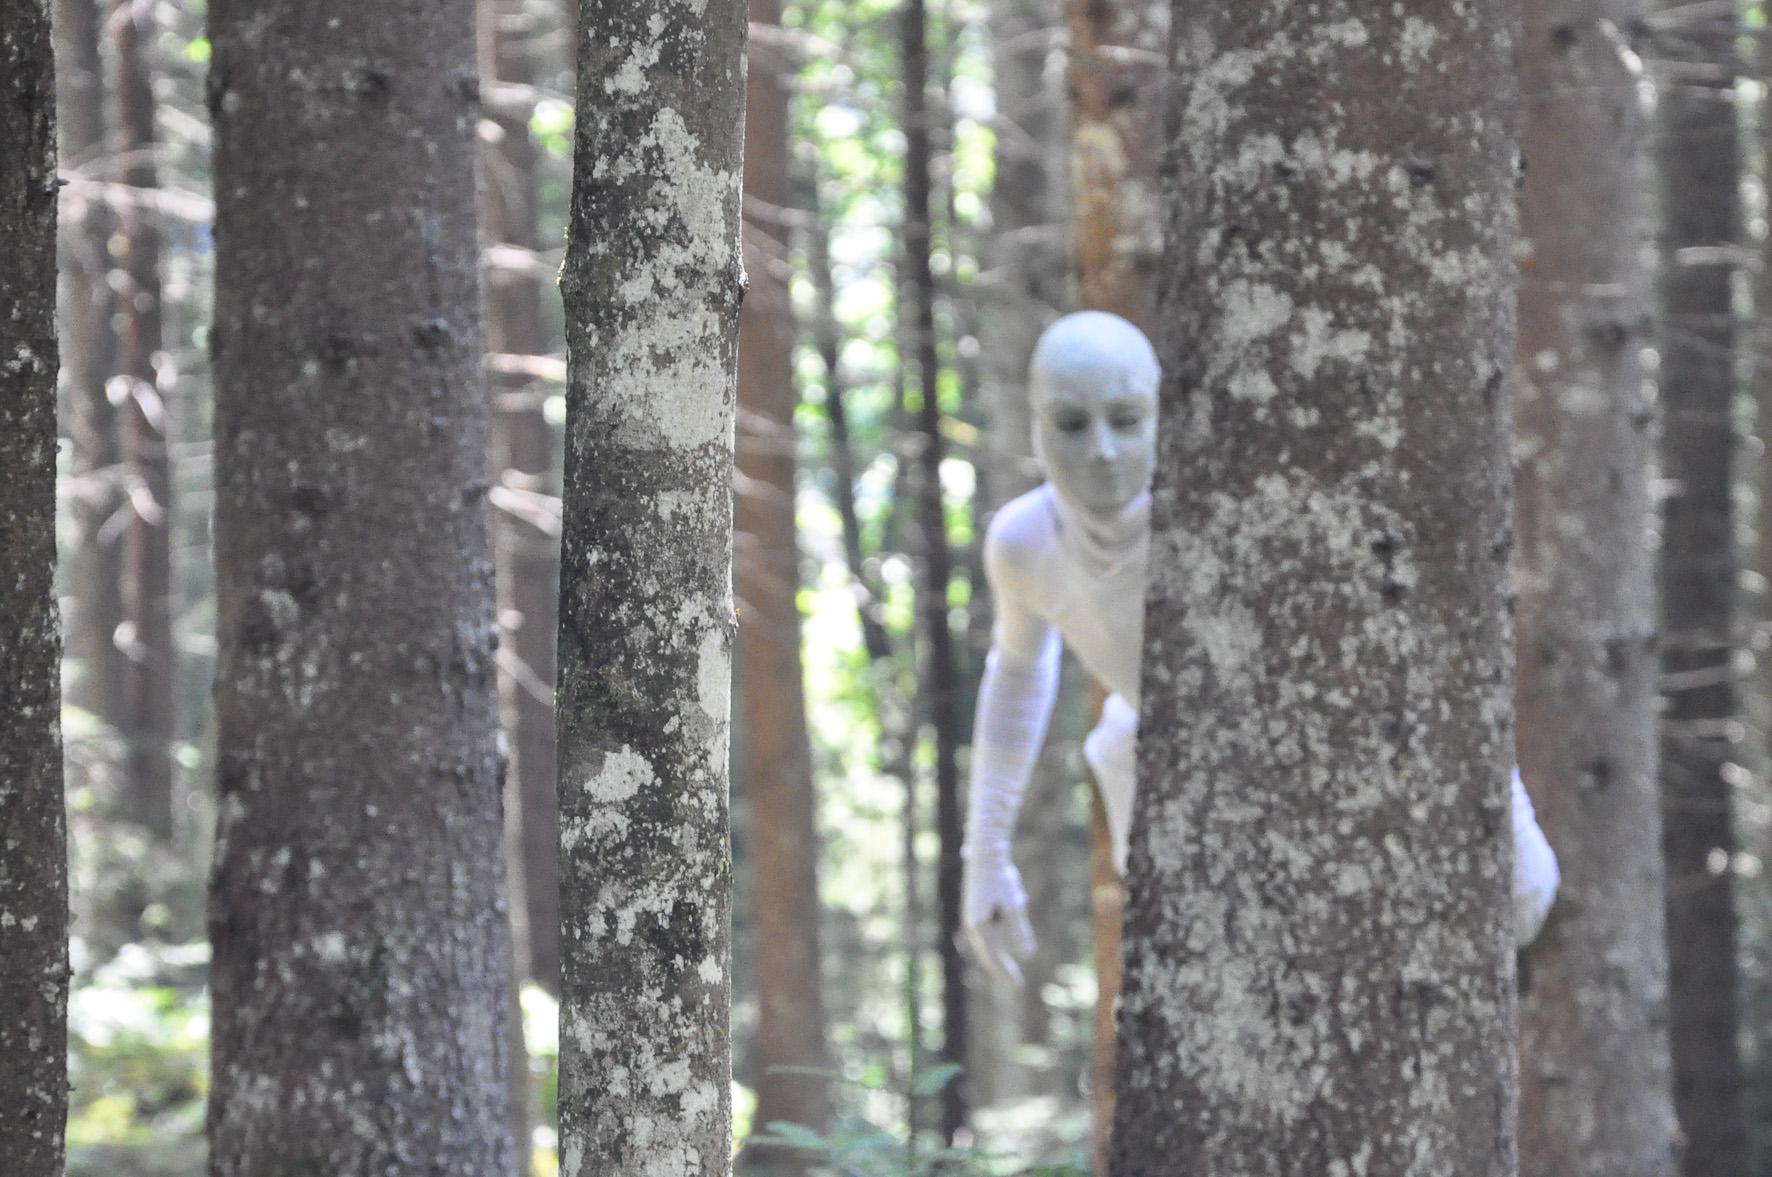 Dämonen, Geister und Gnome sind die Akteure im Wald. c ortszeit